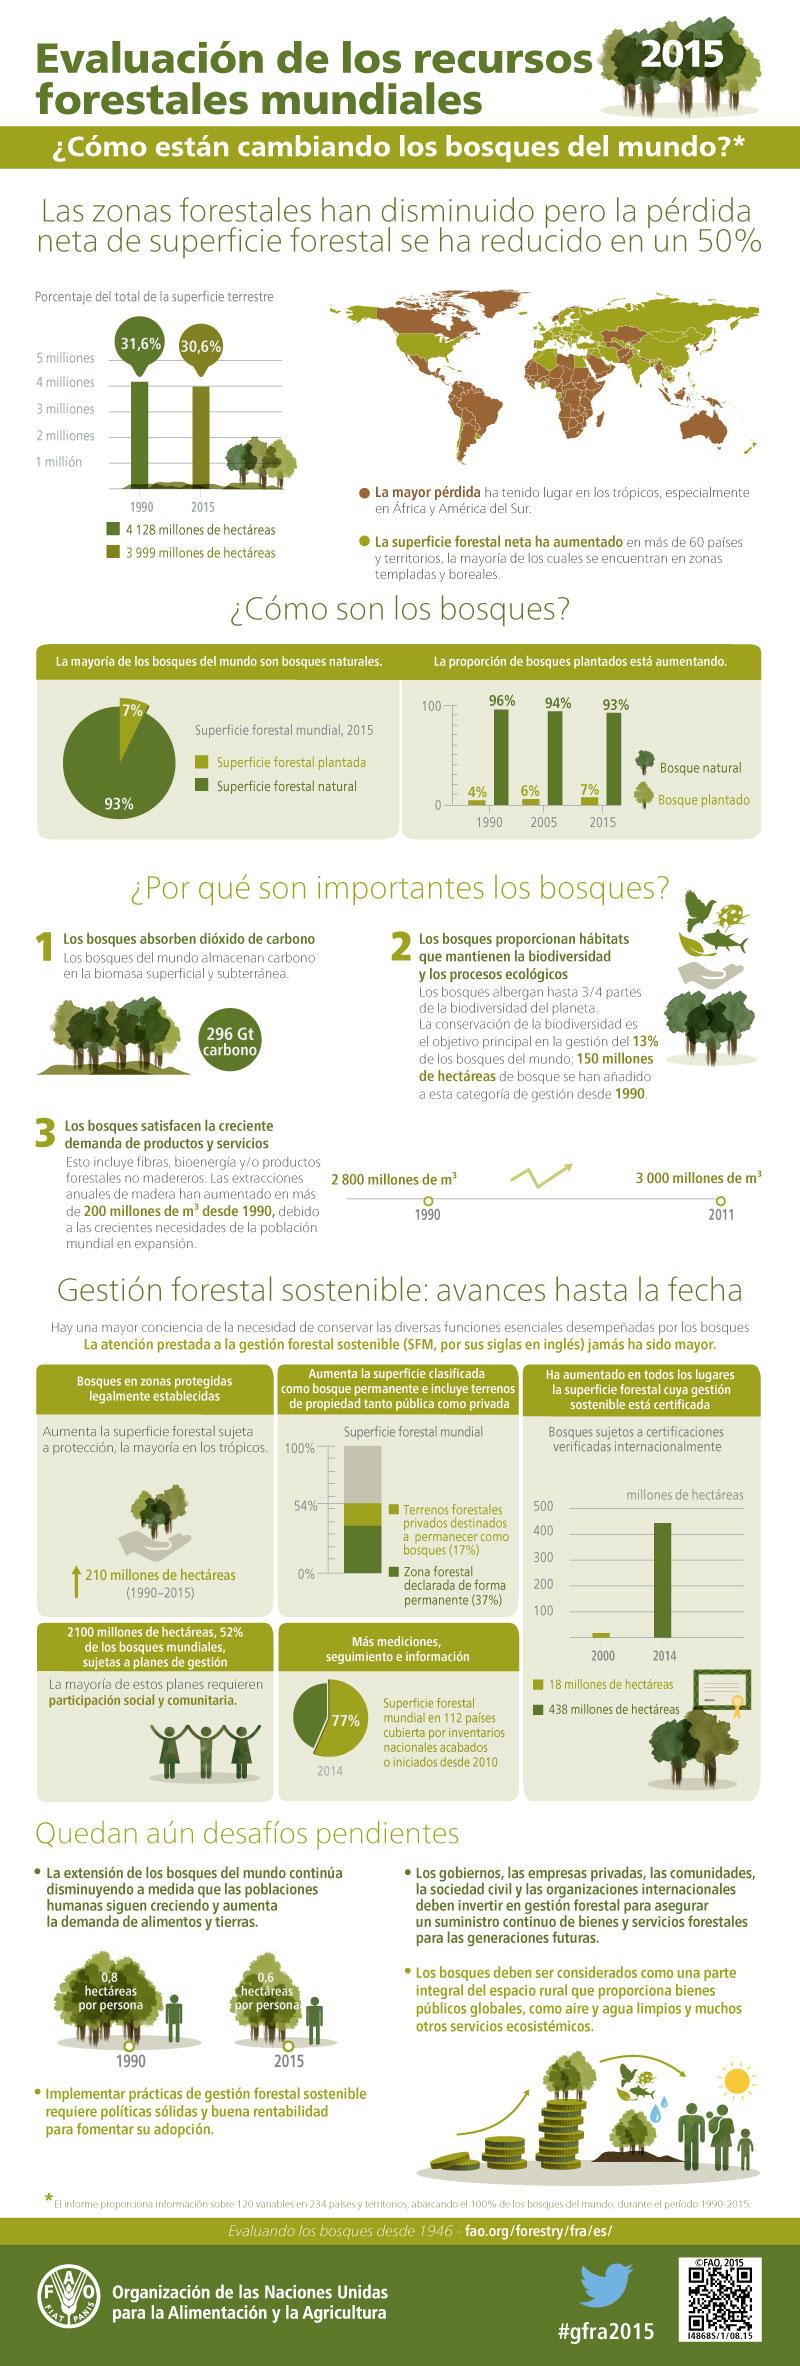 La deforestación se ralentiza a nivel mundial según la FAO, con más bosques mejor gestionados